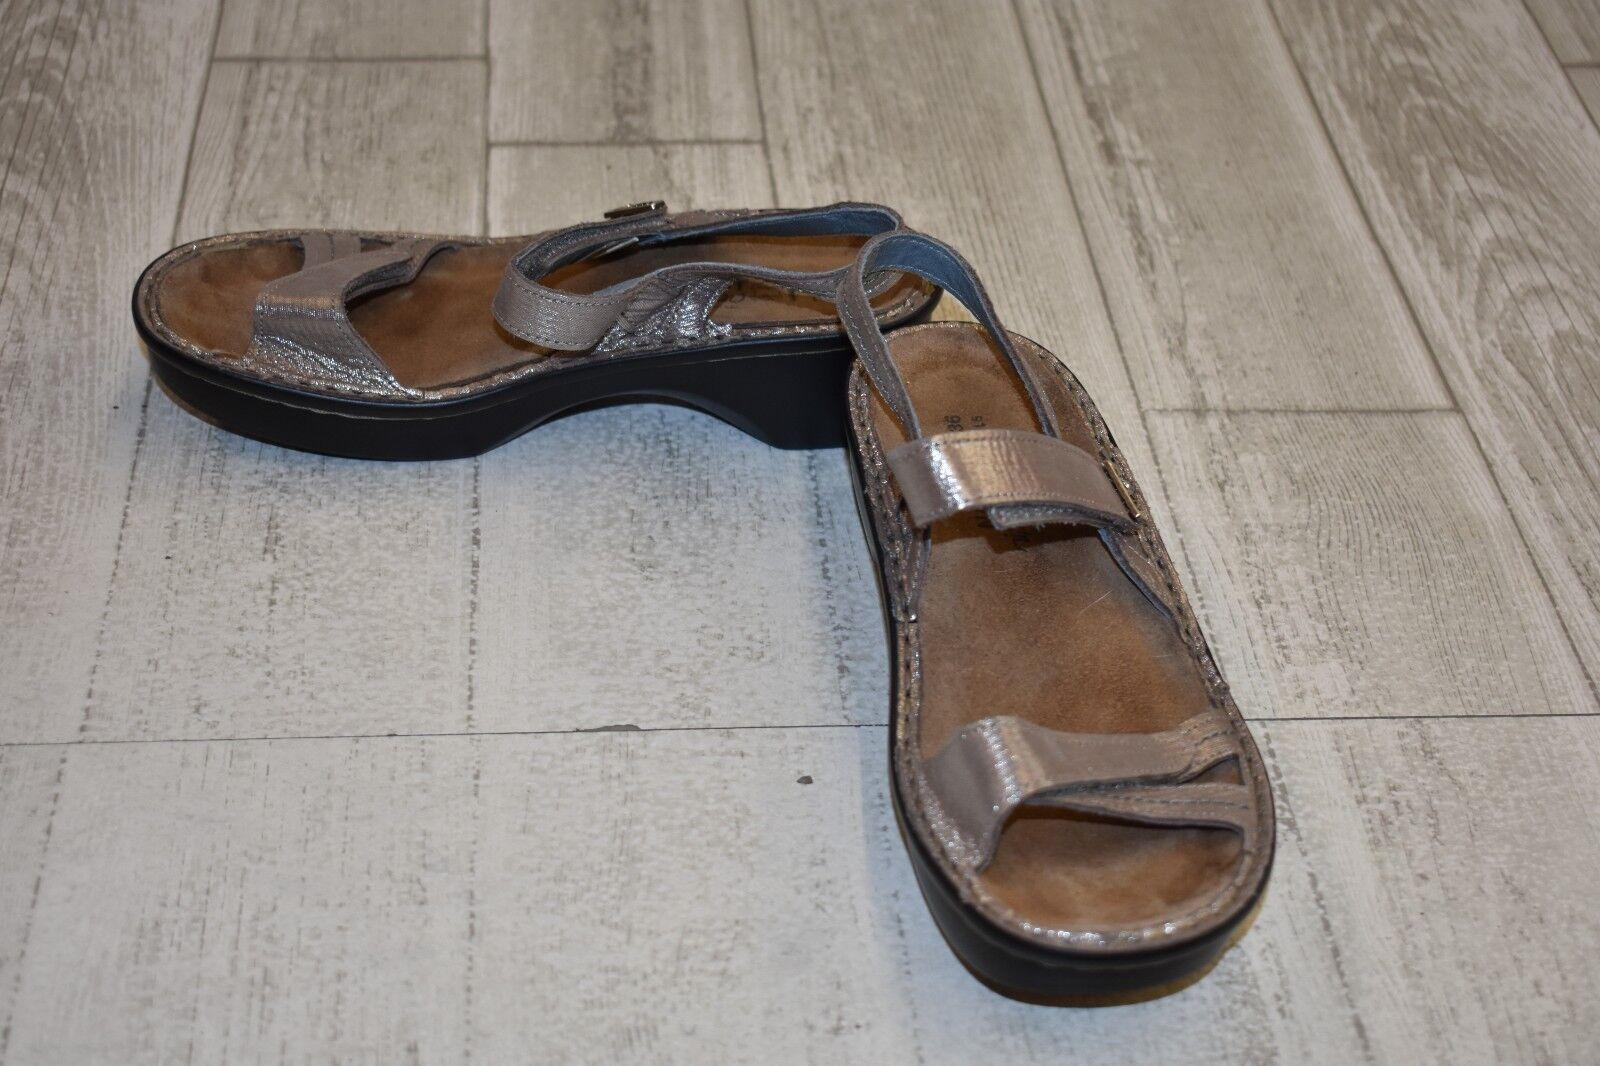 Naot Naot Naot Sandals, Women's Size 36 (US 5), Silver b4a1d2